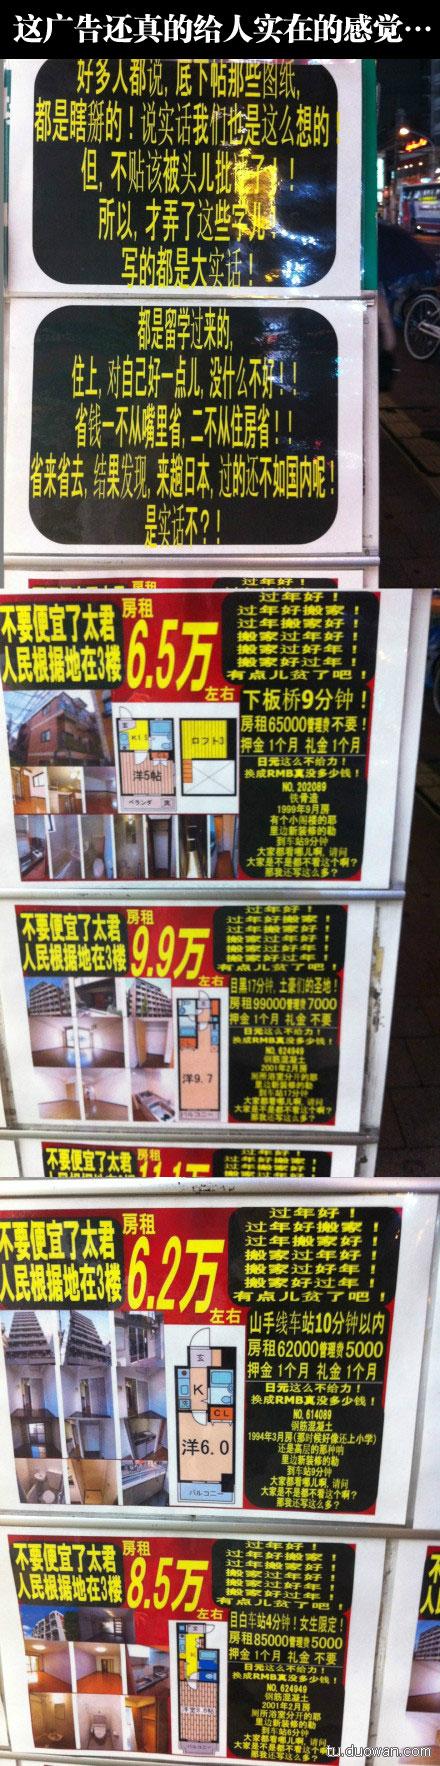 85000-X-0.06……这价格,这么好的房子,在国内根本找不到吧